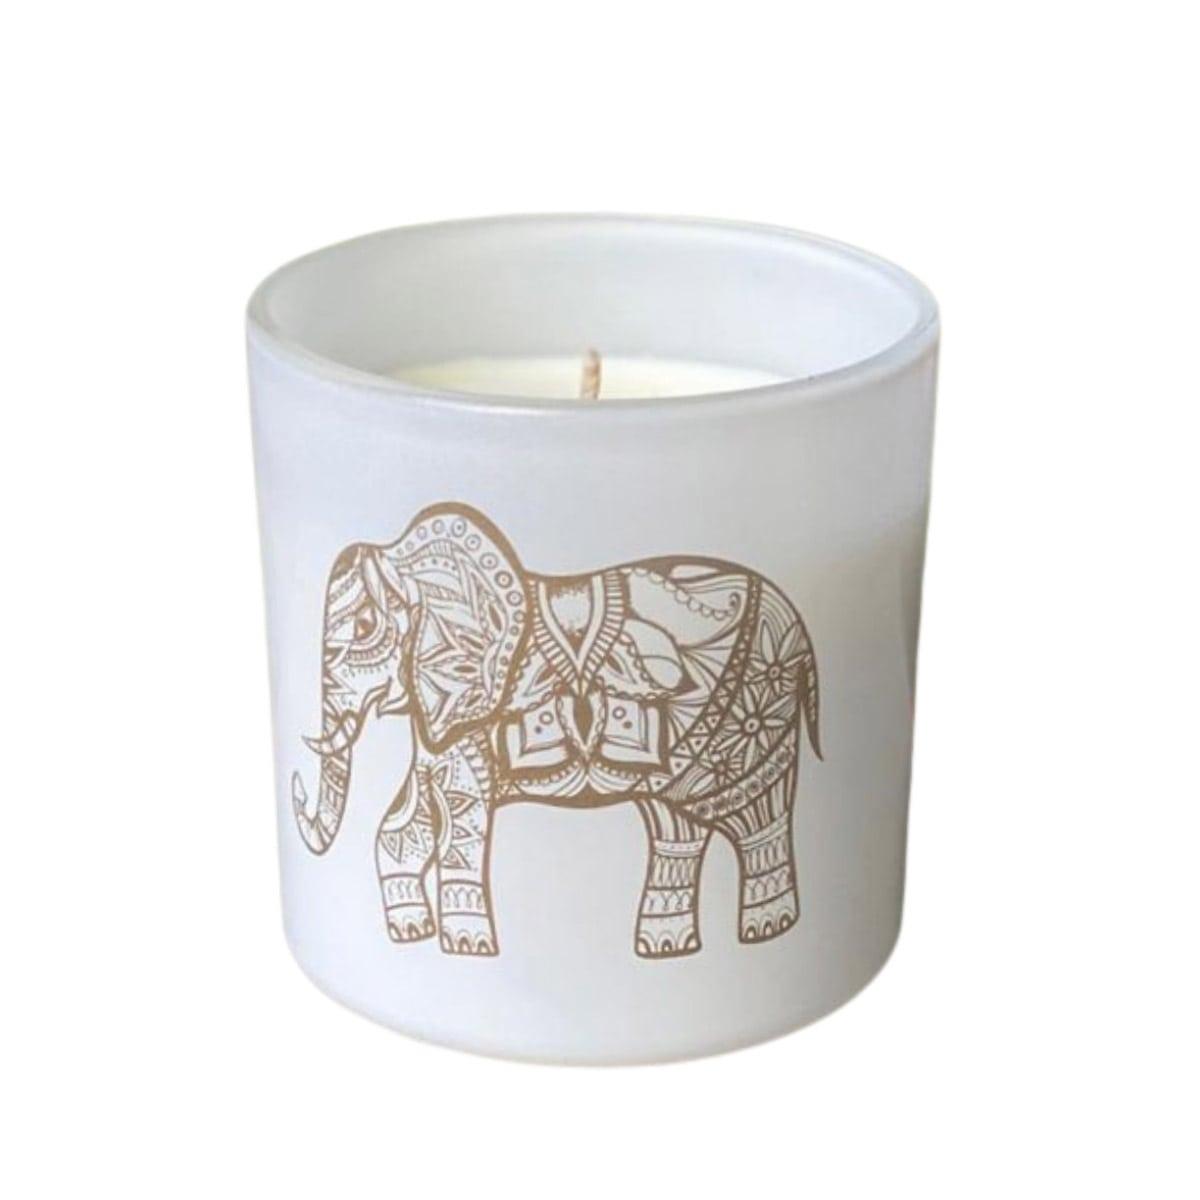 Vela ecológica imagem elefante - mandarim e musk 180g